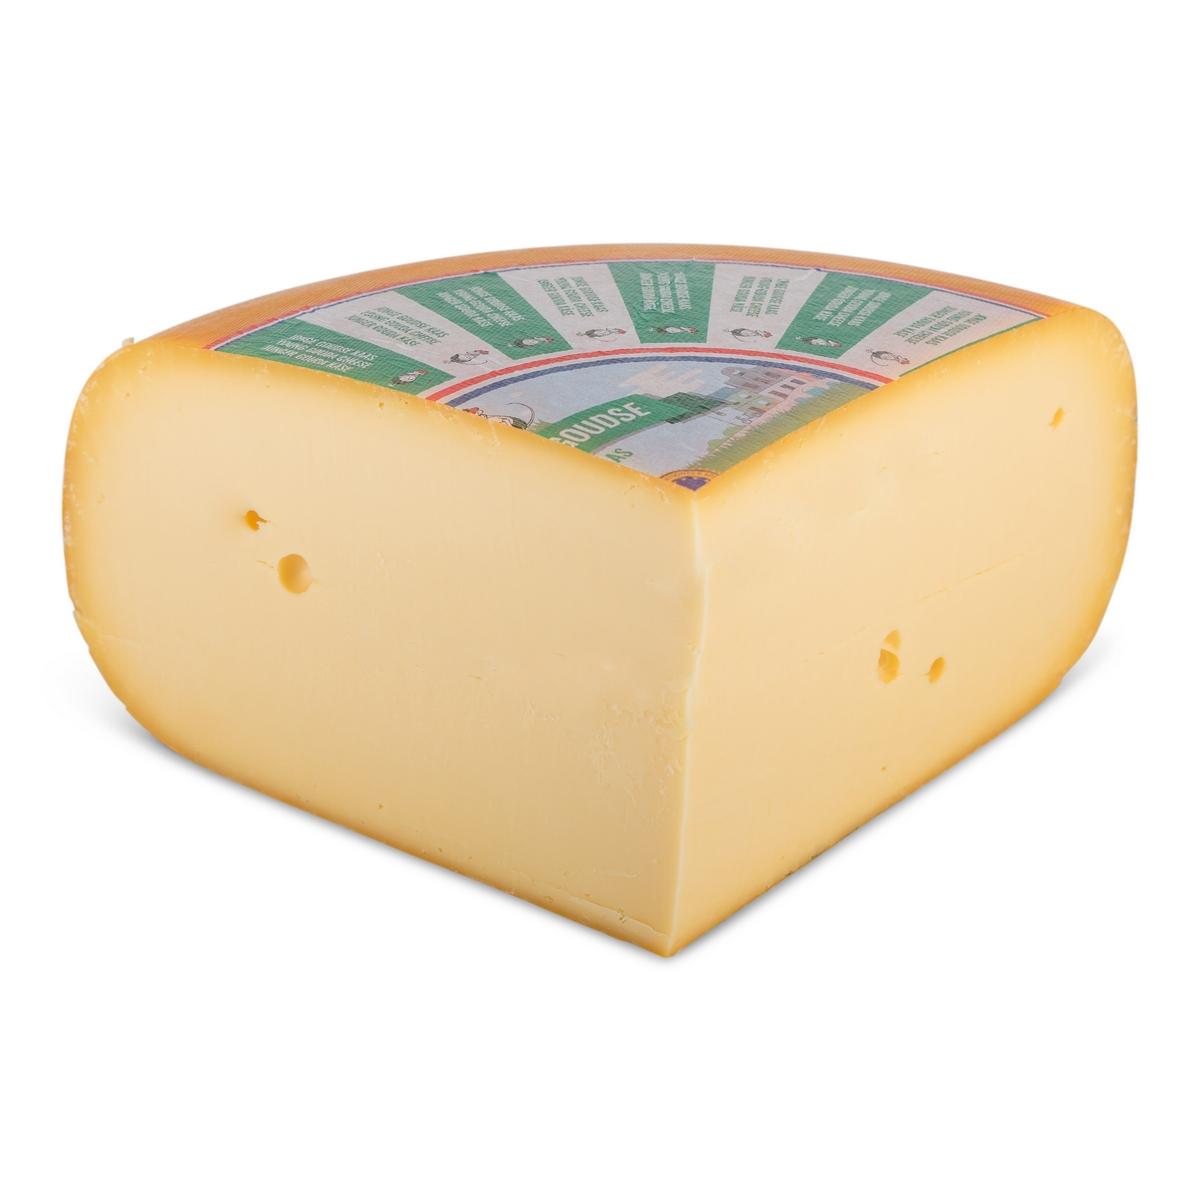 Junger Käse (Reifezeit von 4 Wochen)